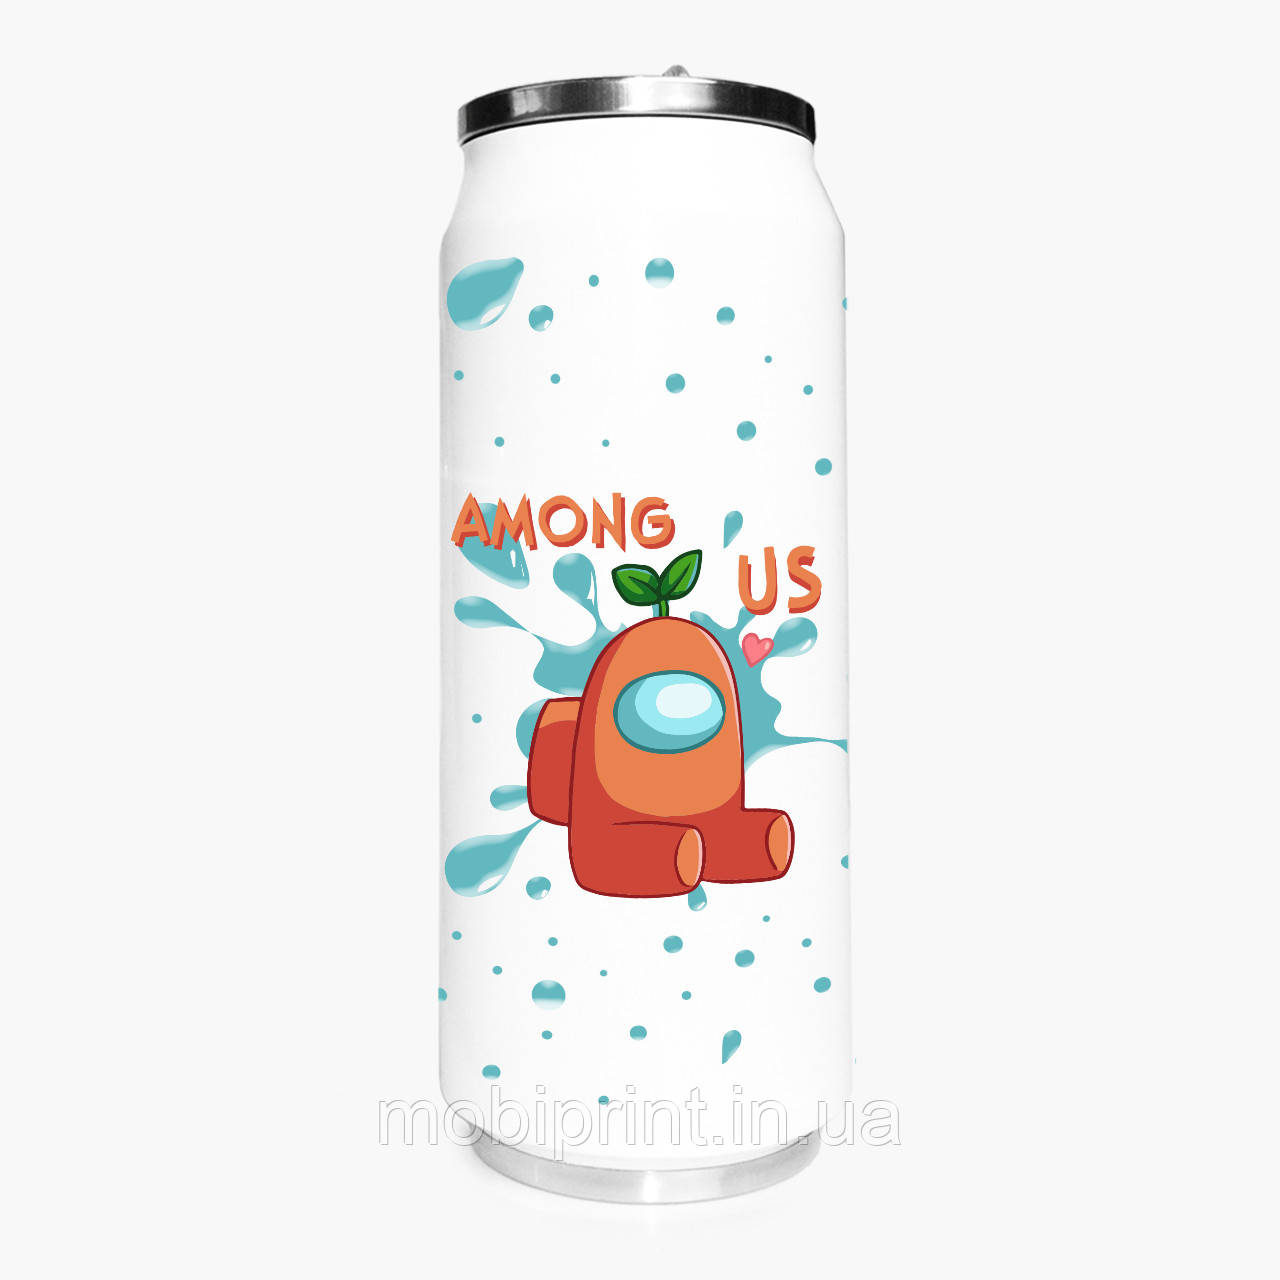 Термобанка Оранжевый Амонг Ас (Orange Among Us) 500 мл (31091-2410-1) из нержавеющей стали